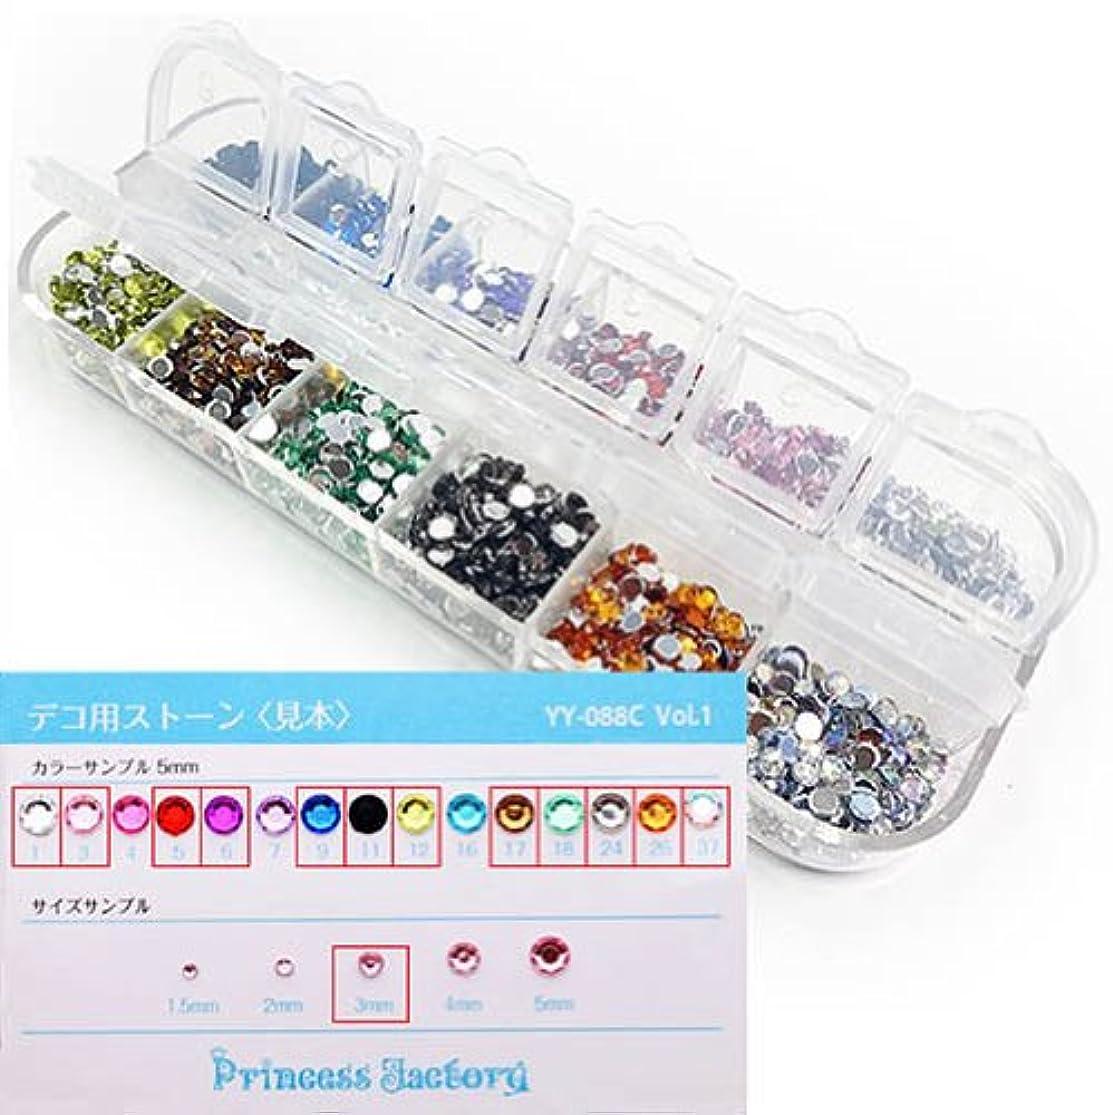 カラーラインストーン12色 ケース入 ネイル デコ用 大容量セット 3mm(約3,000粒)